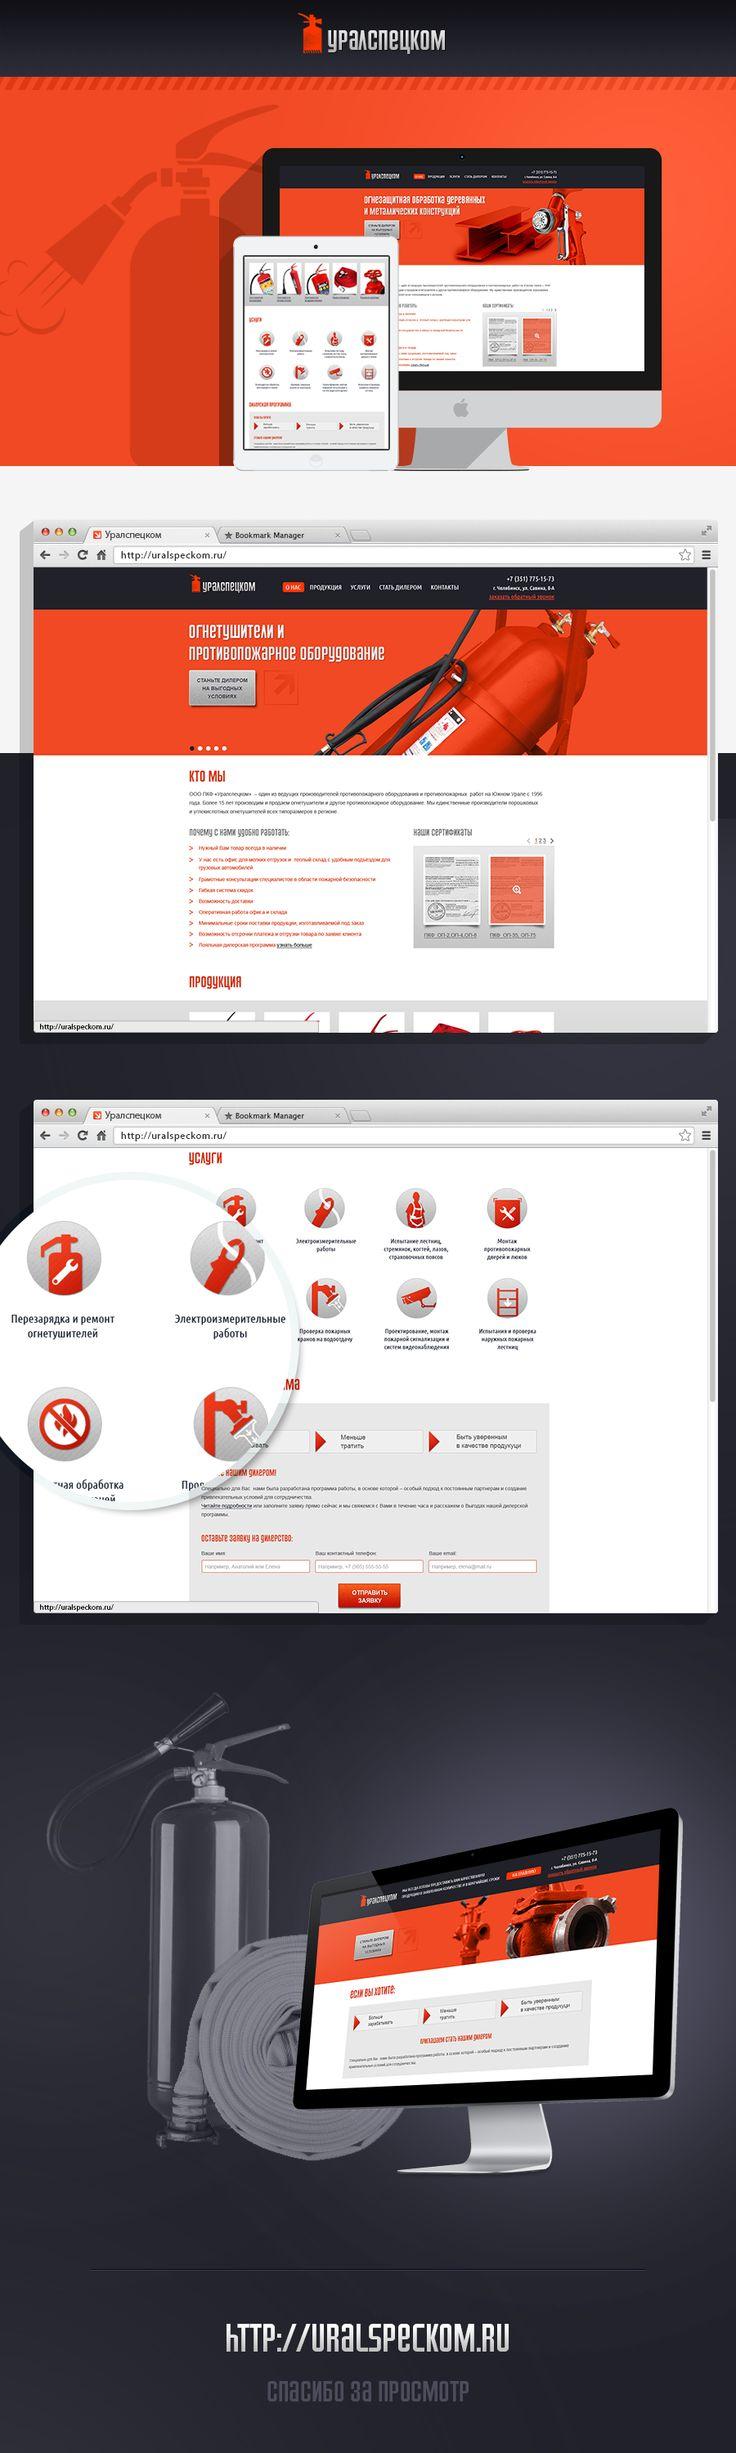 Дизайн сайта для Уралспецком